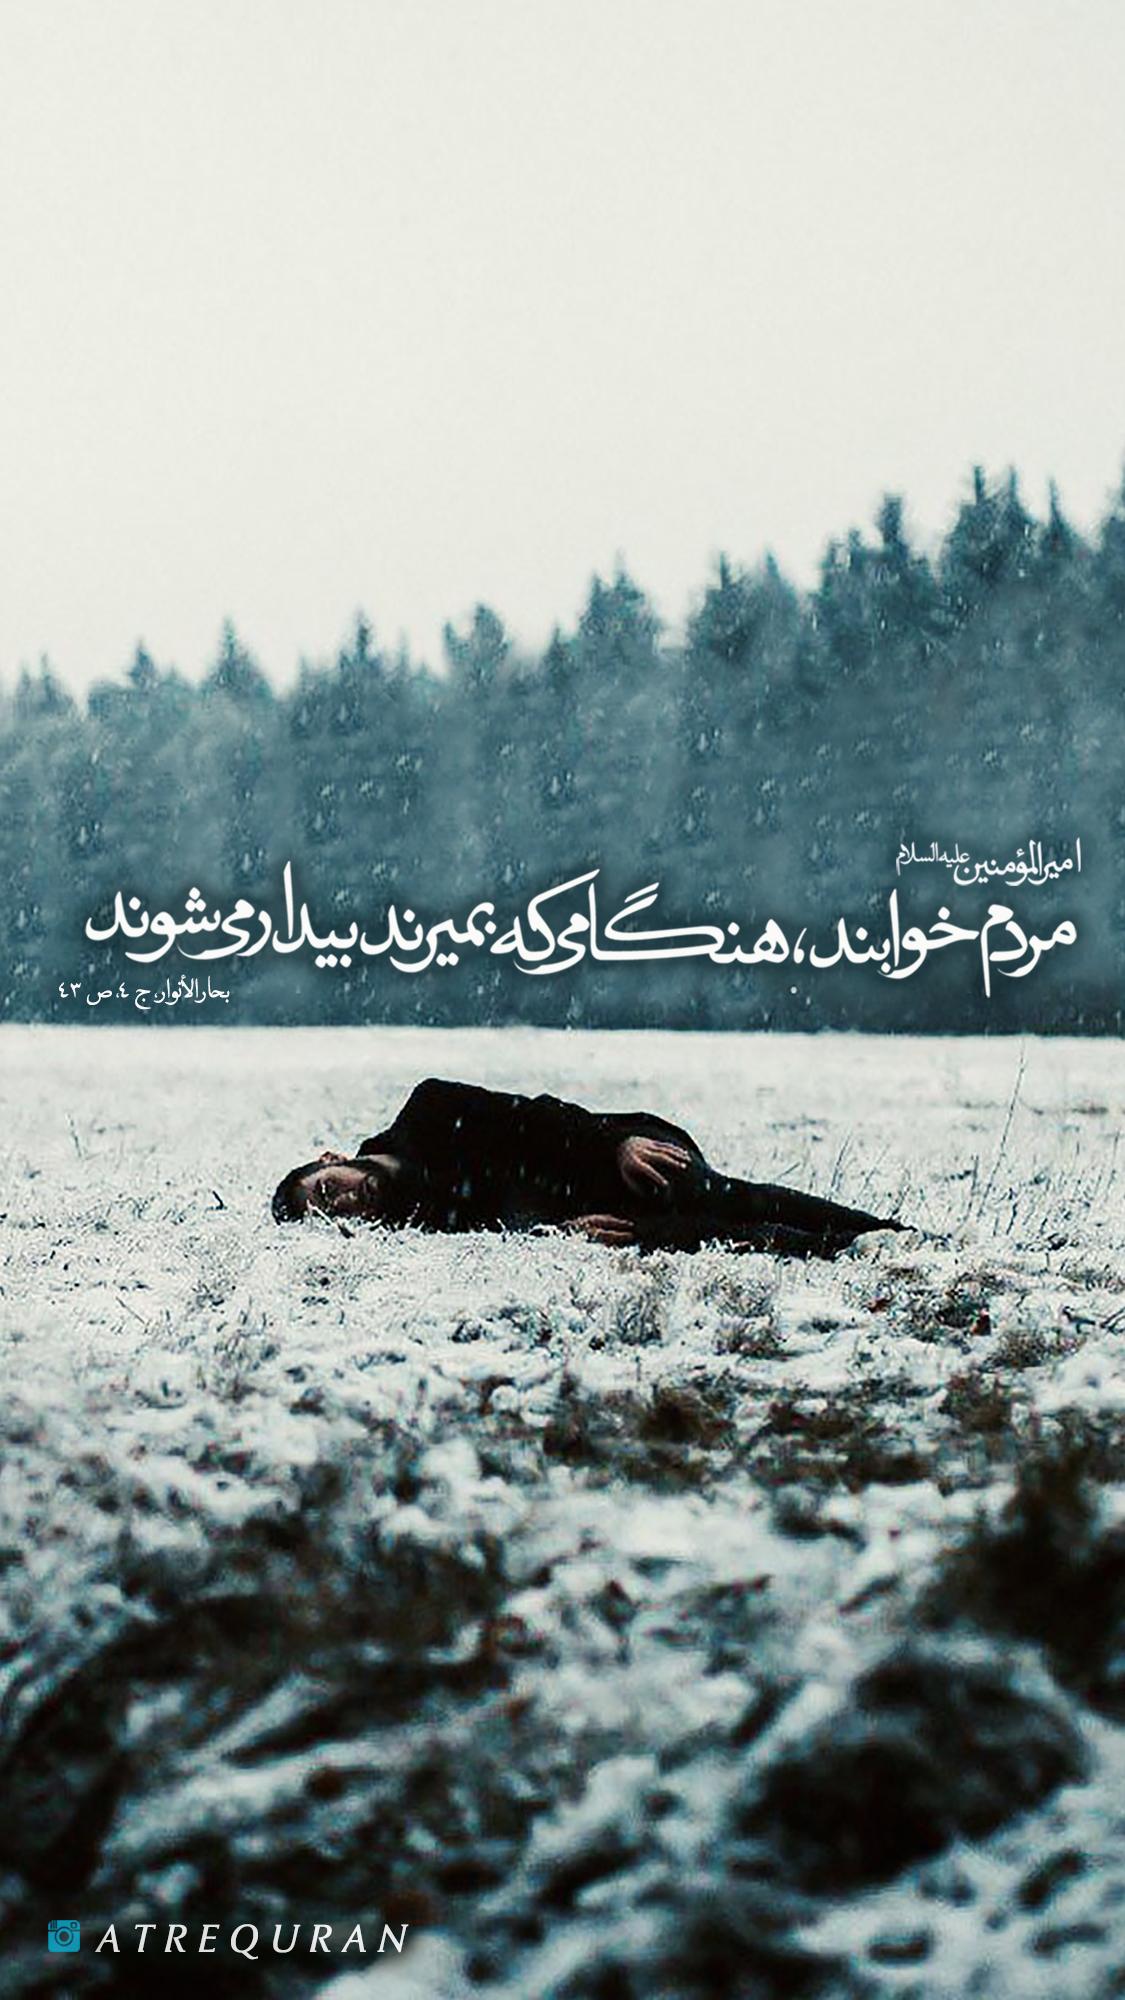 مردم خوابند، هنگامی که بمیرند بیدار می شوند